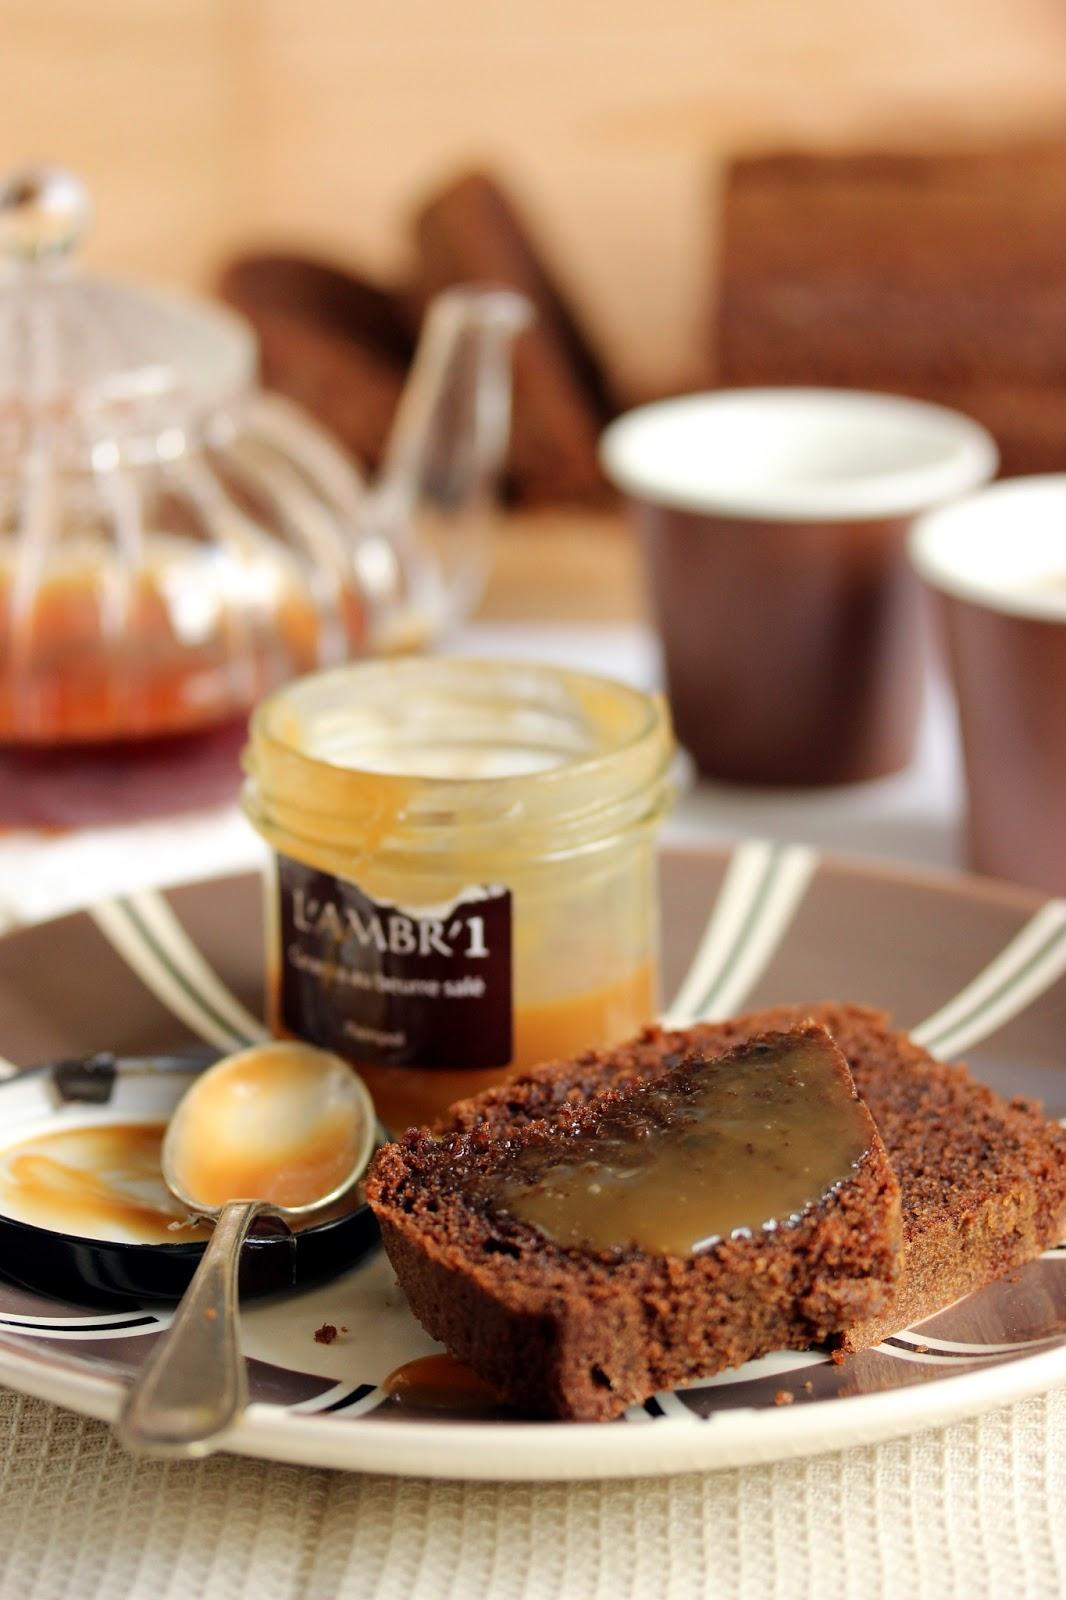 dans la cuisine de sophie quatre quarts au cacao et caramel beurre picture to pin on pinterest. Black Bedroom Furniture Sets. Home Design Ideas